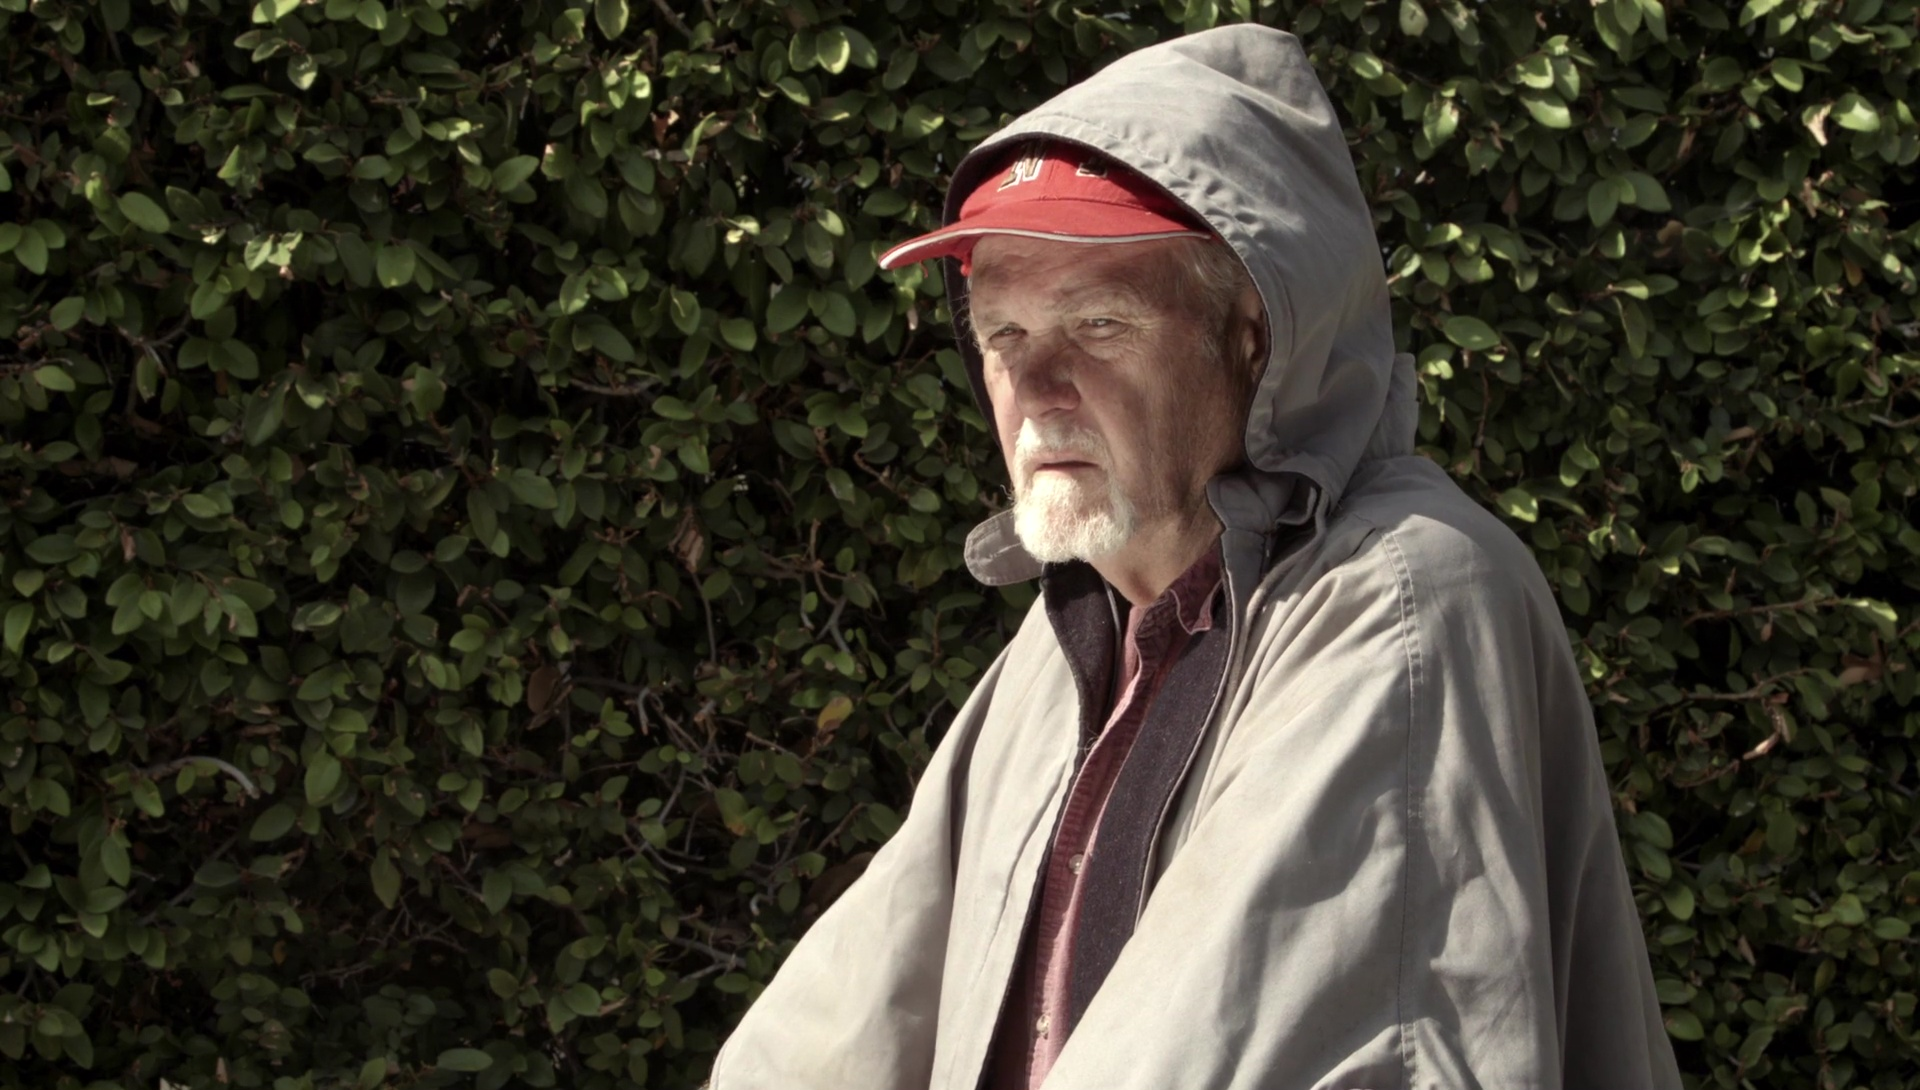 Homeless John